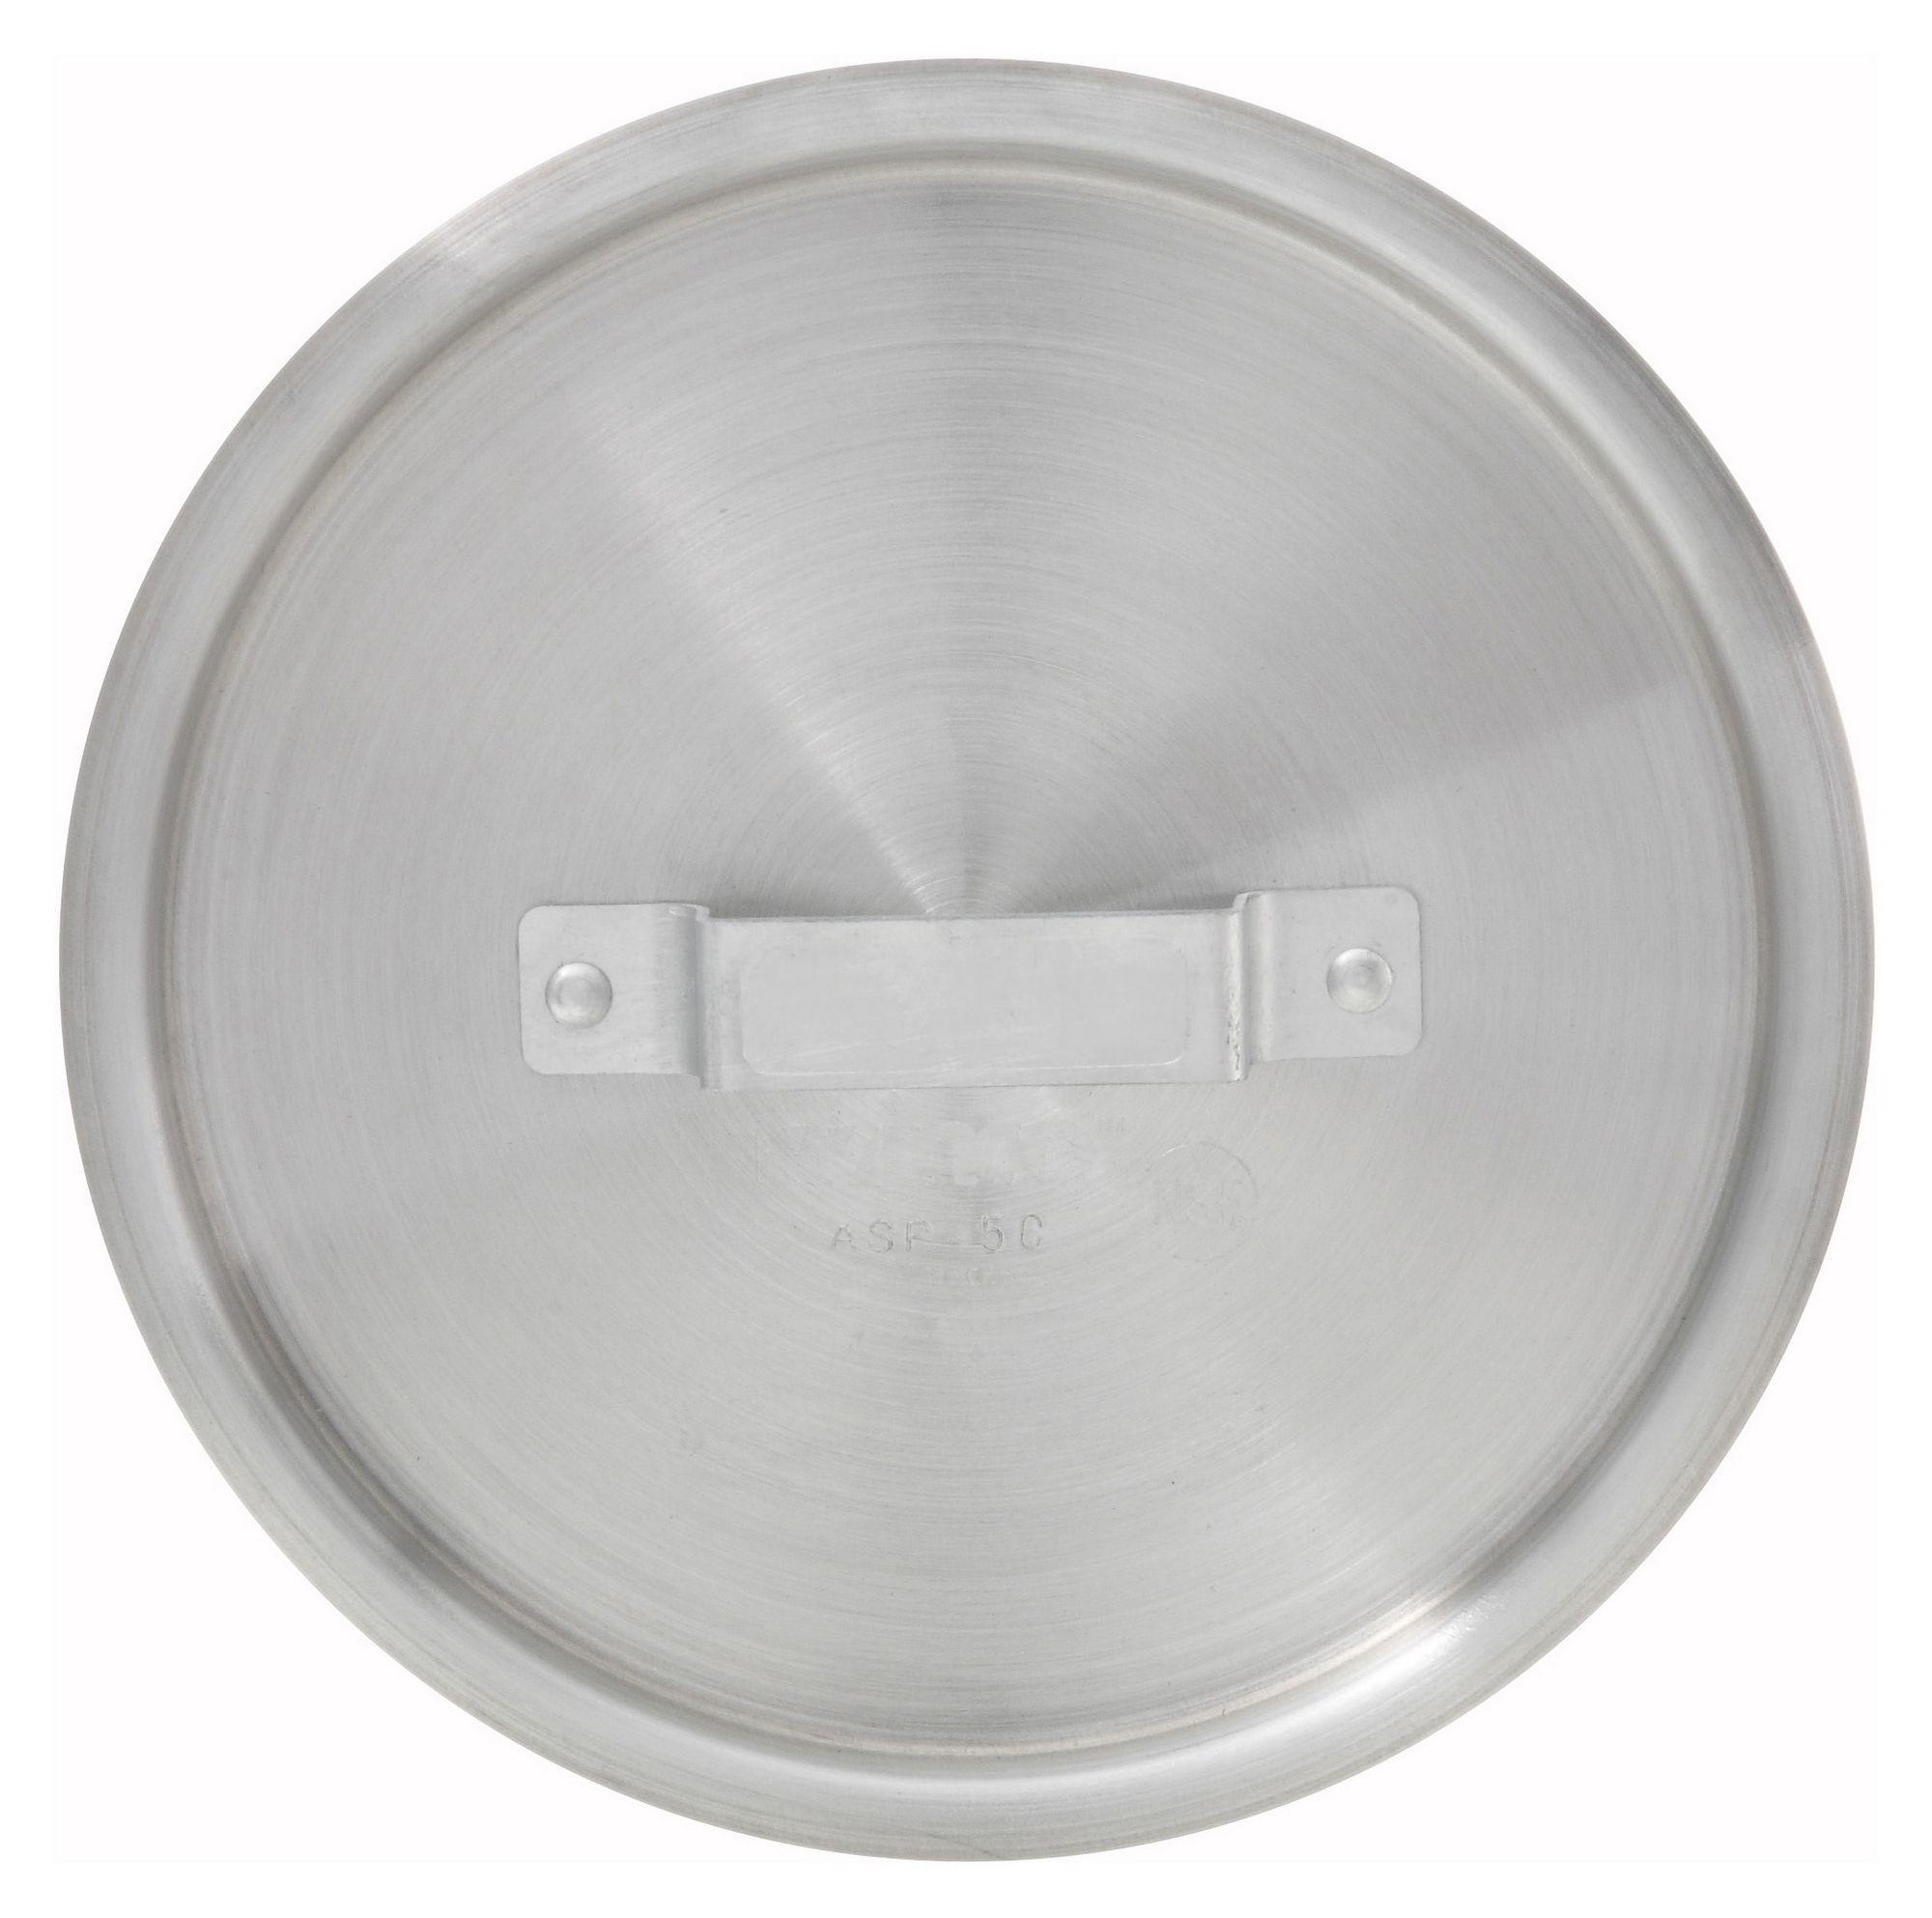 Winco ASP-4C Aluminum Cover for 4-1/4 Qt. Sauce Pan